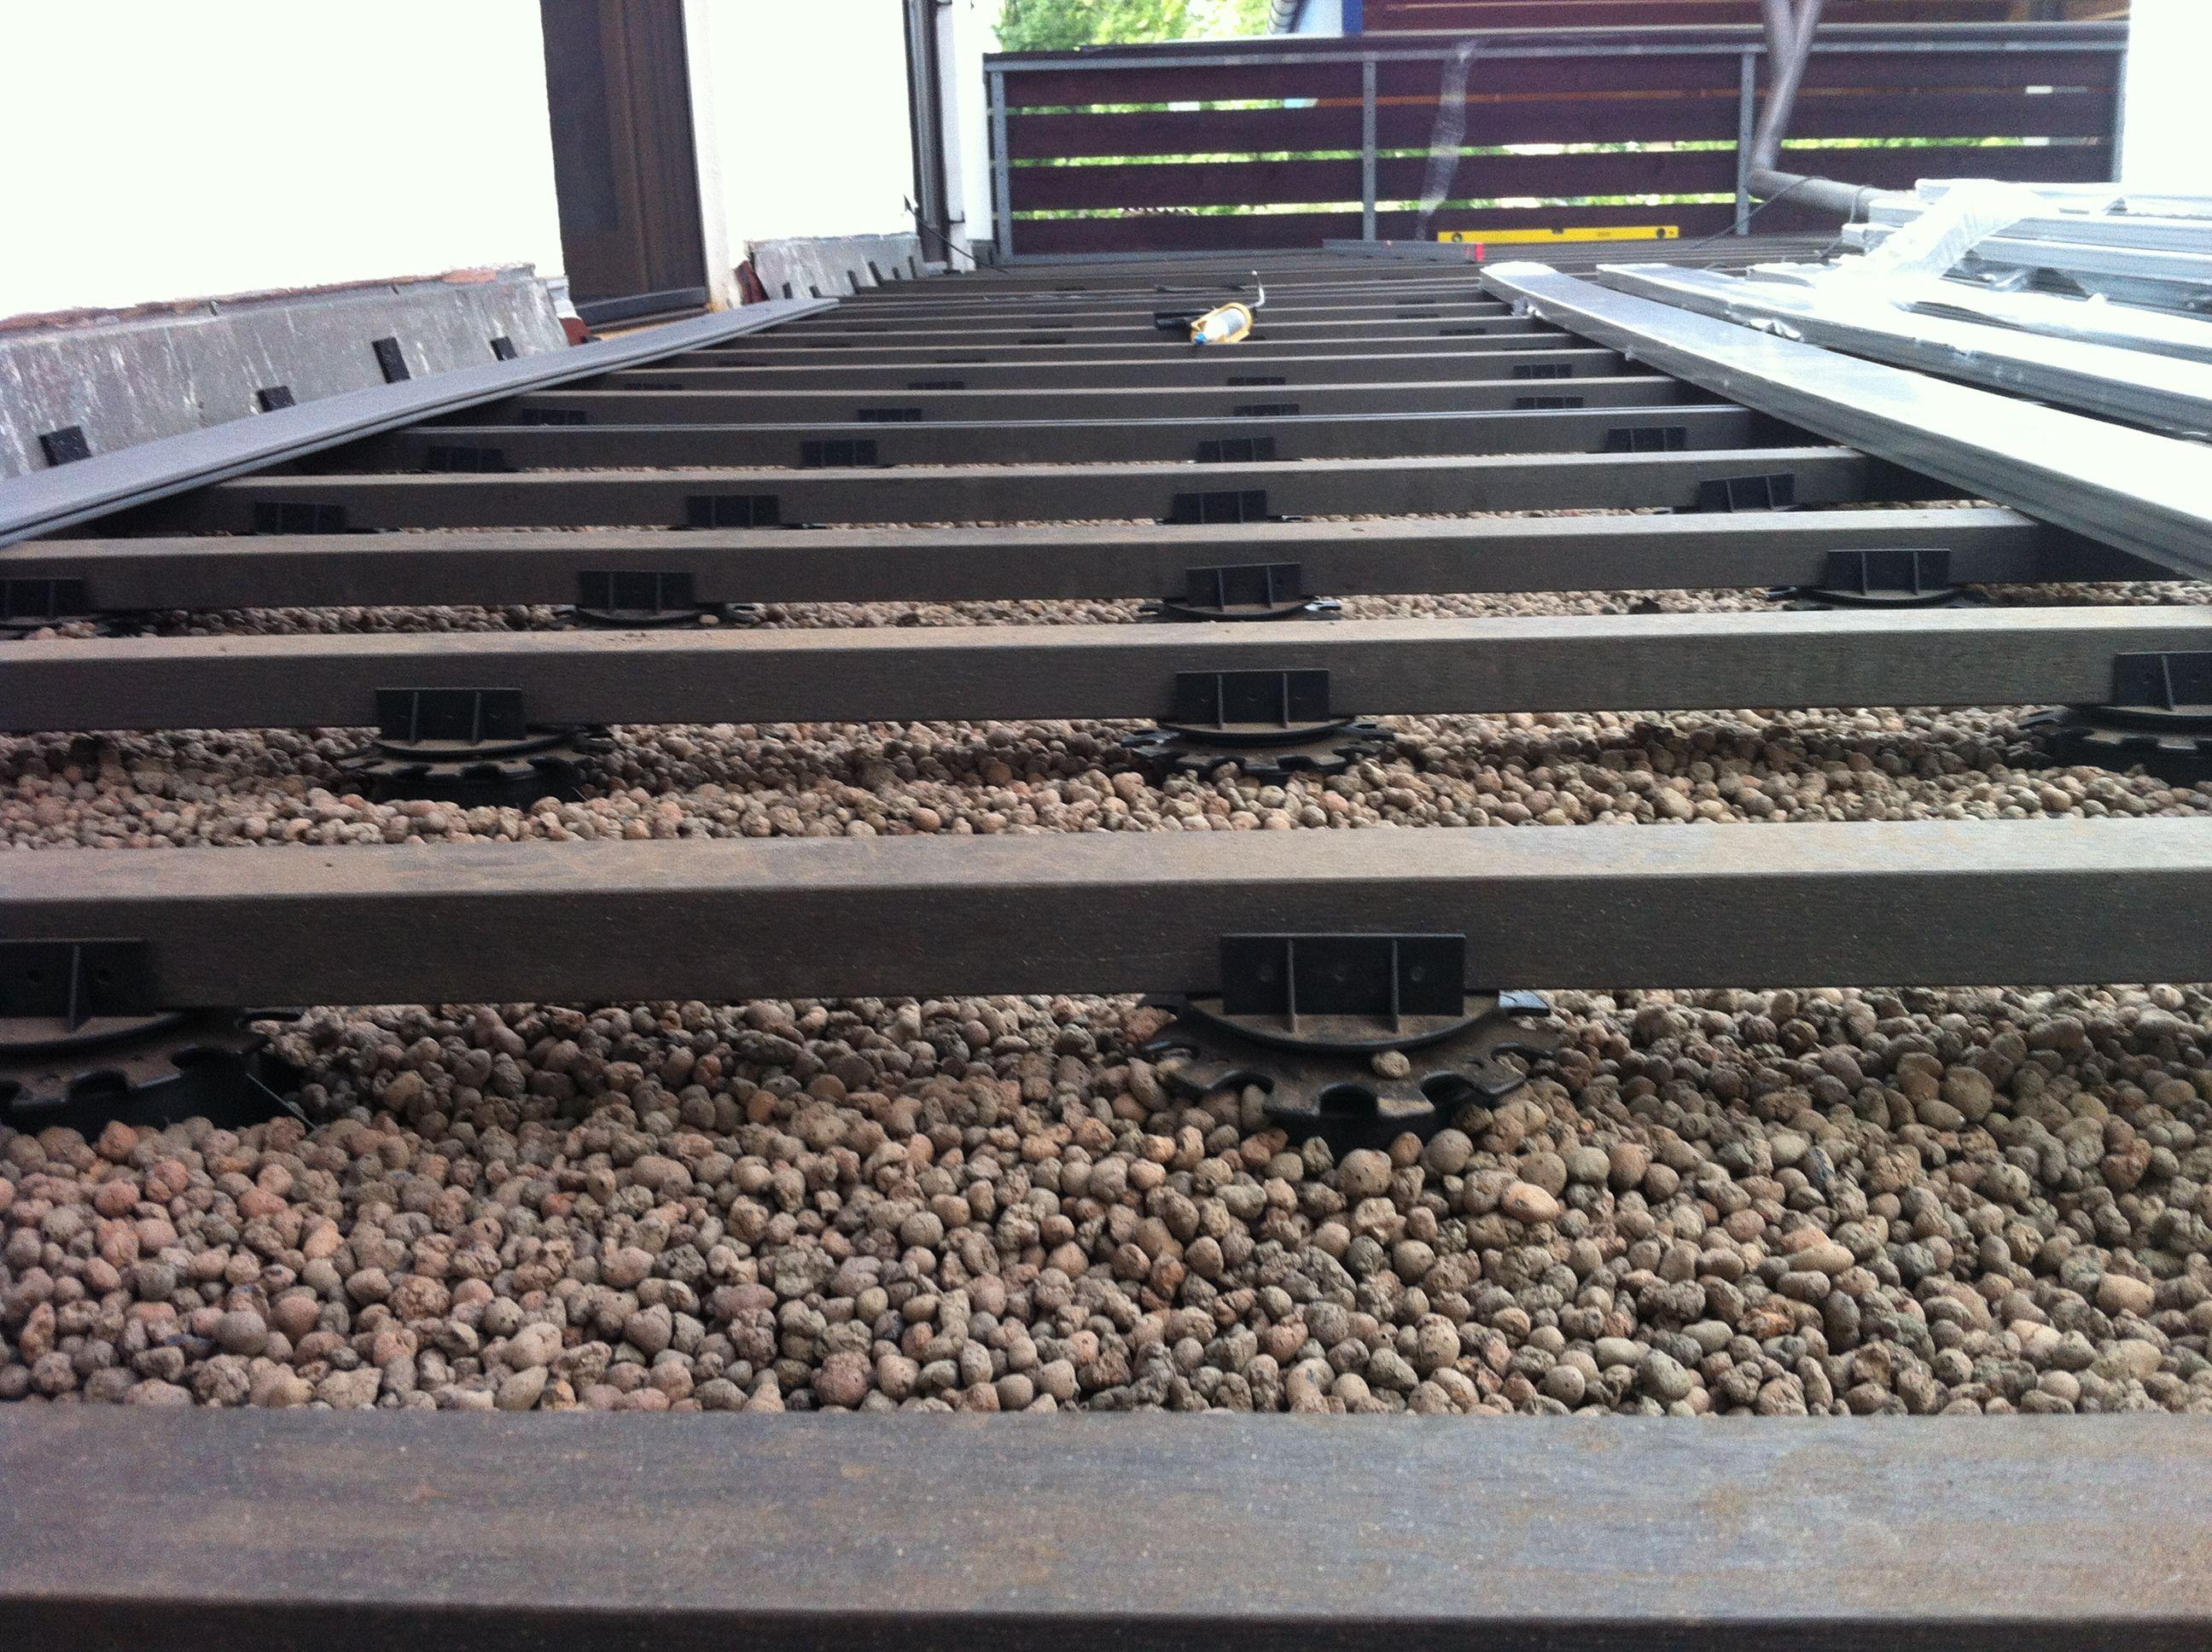 bpc deck auf flachdach ohne gef lle mit tonkugelsch ttung zur aufnahme der pf tzenbildung